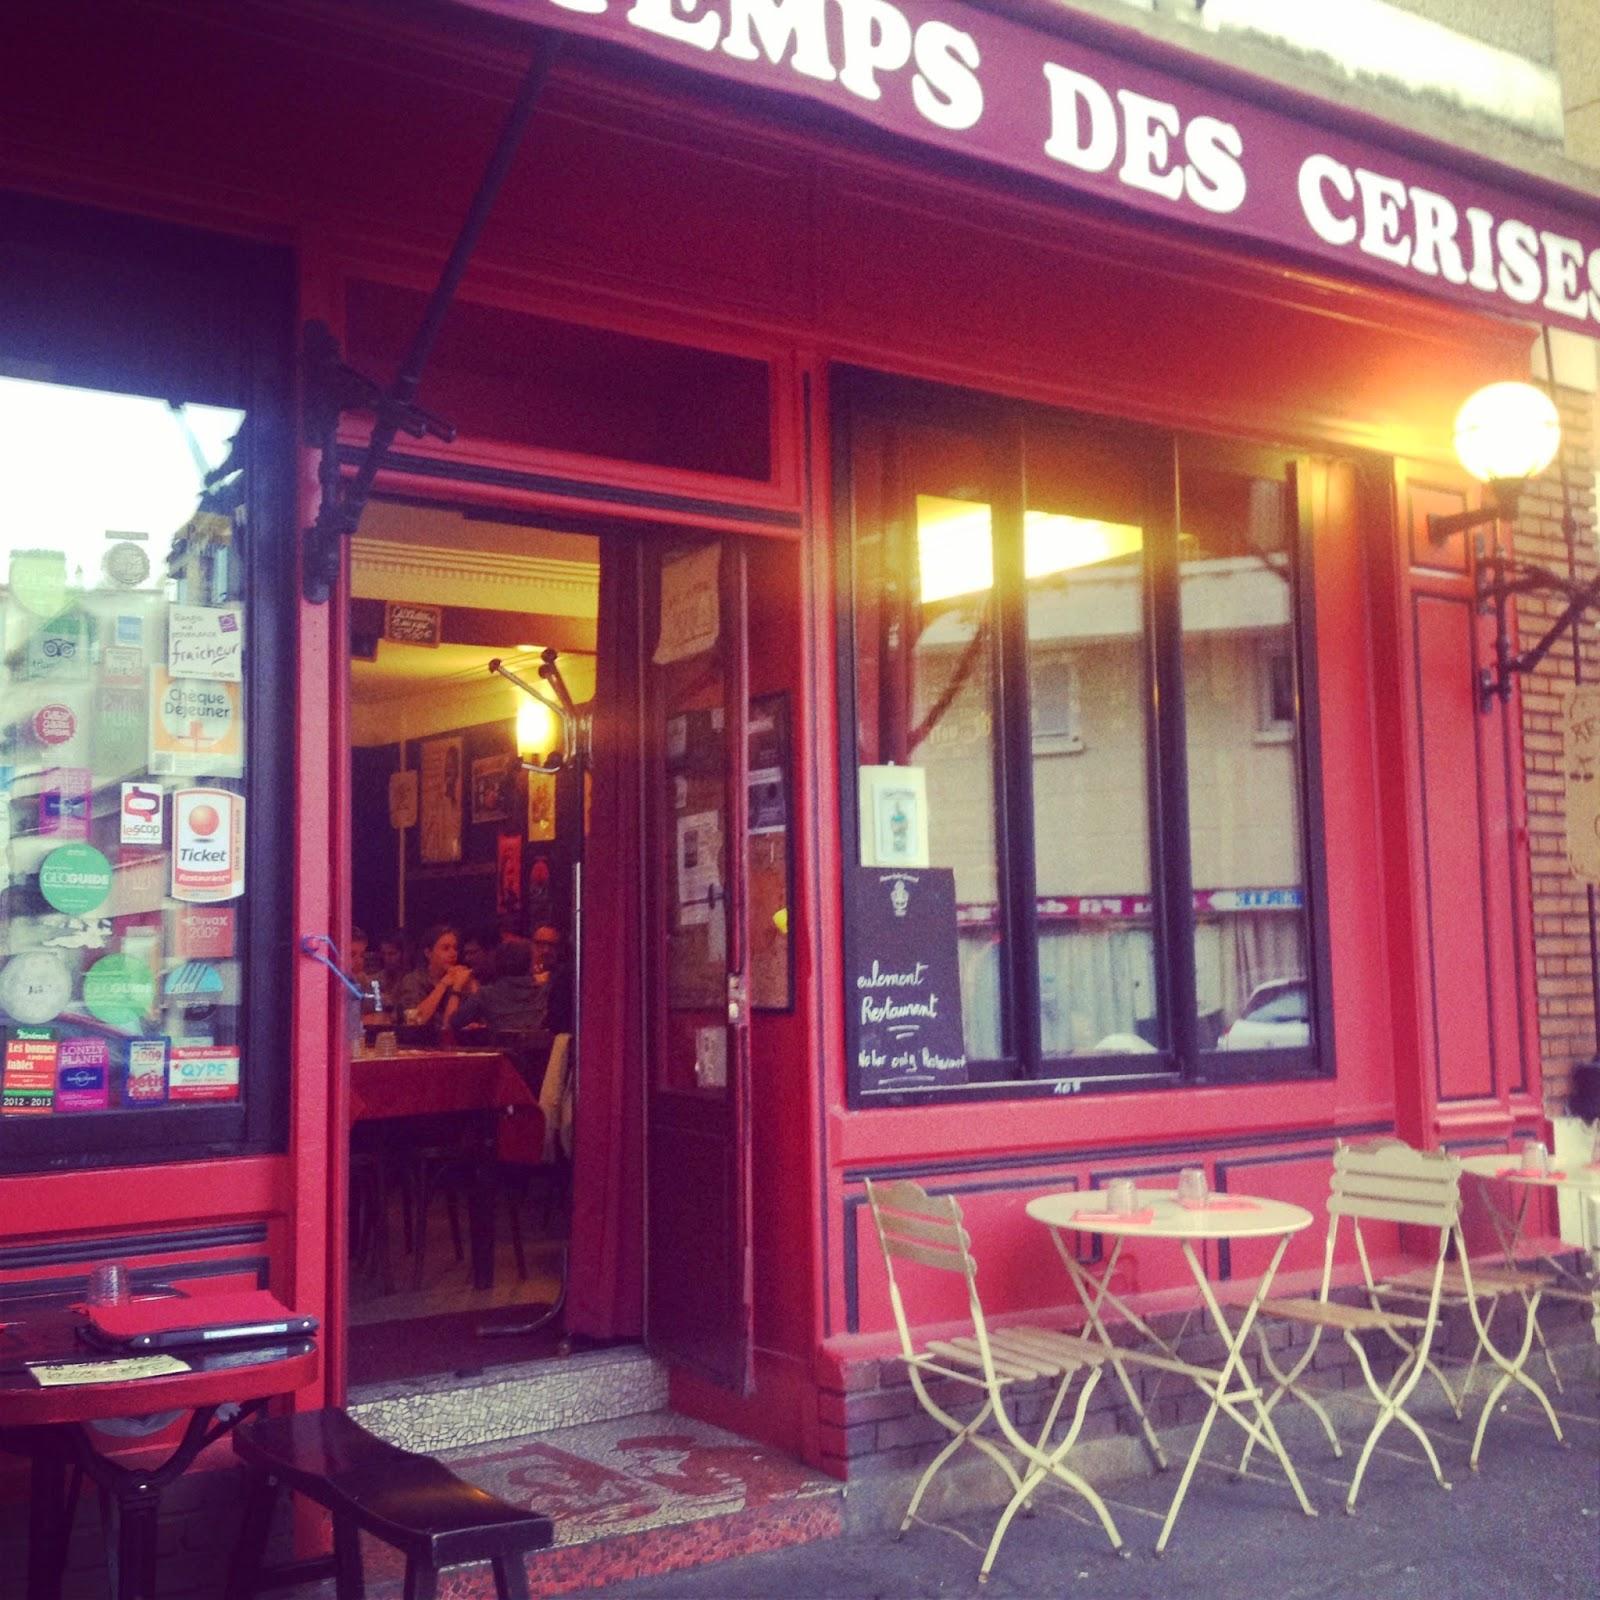 La butte aux cailles paris resto le temps des cerises - Restaurant buttes aux cailles ...